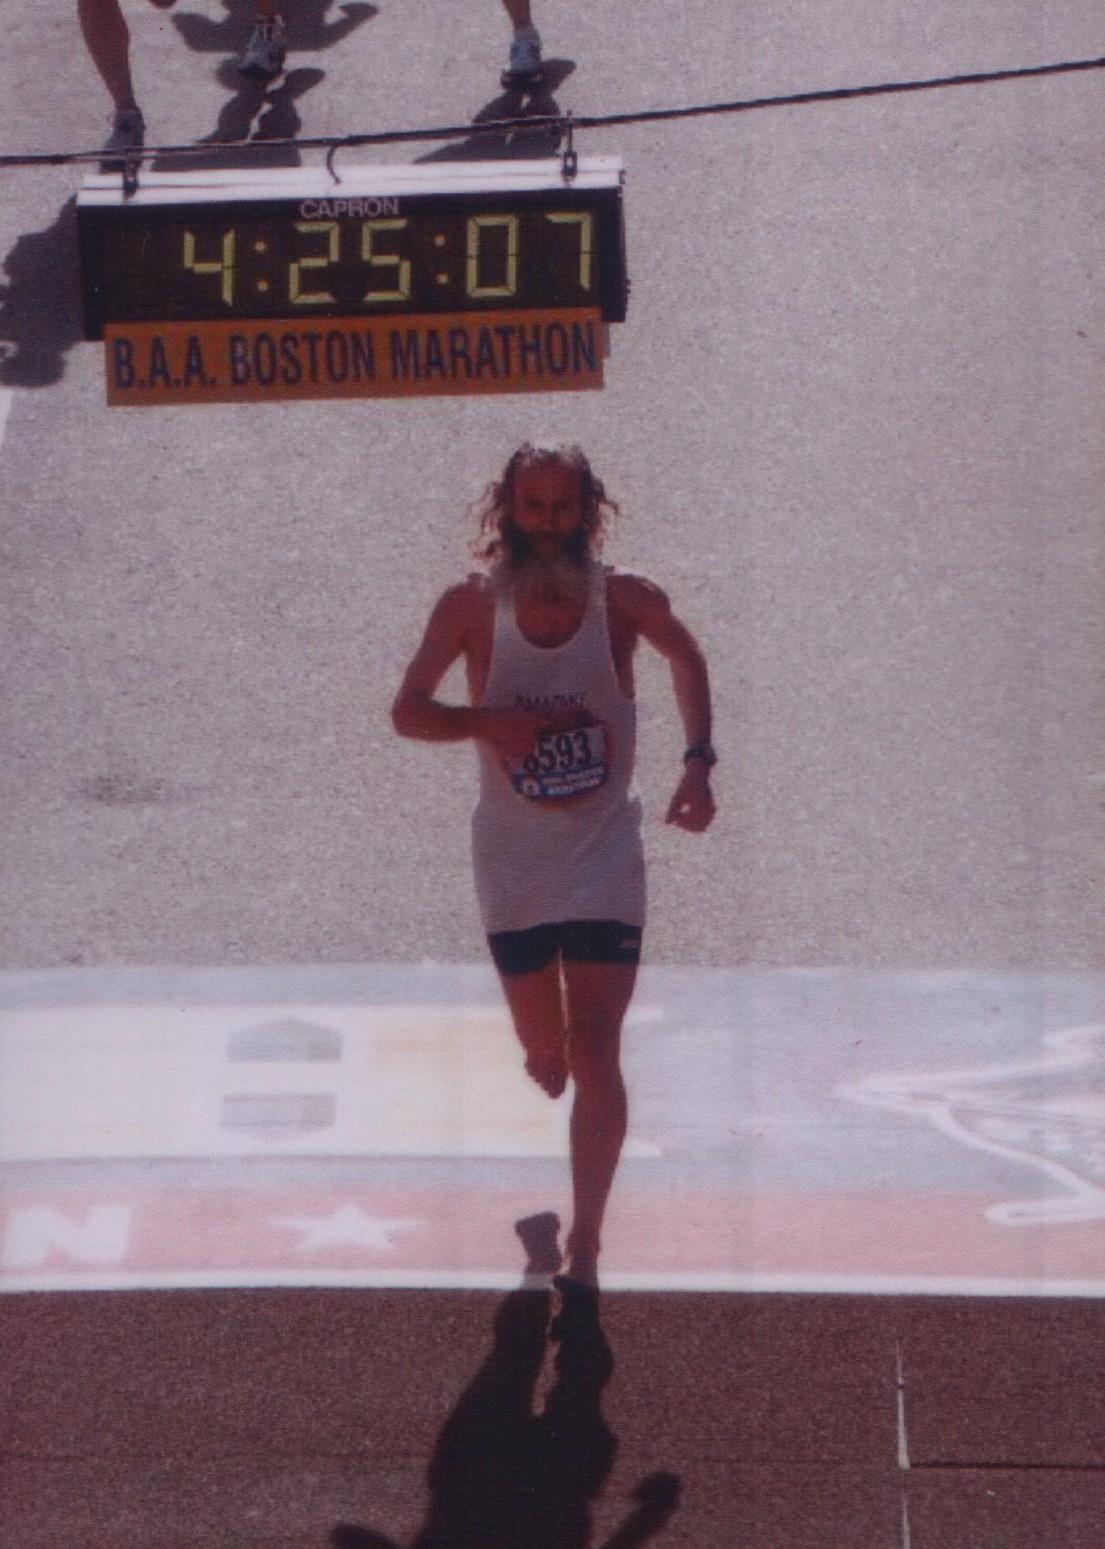 Barefoot Ken Bob Saxton finishing Boston Marathon 2005